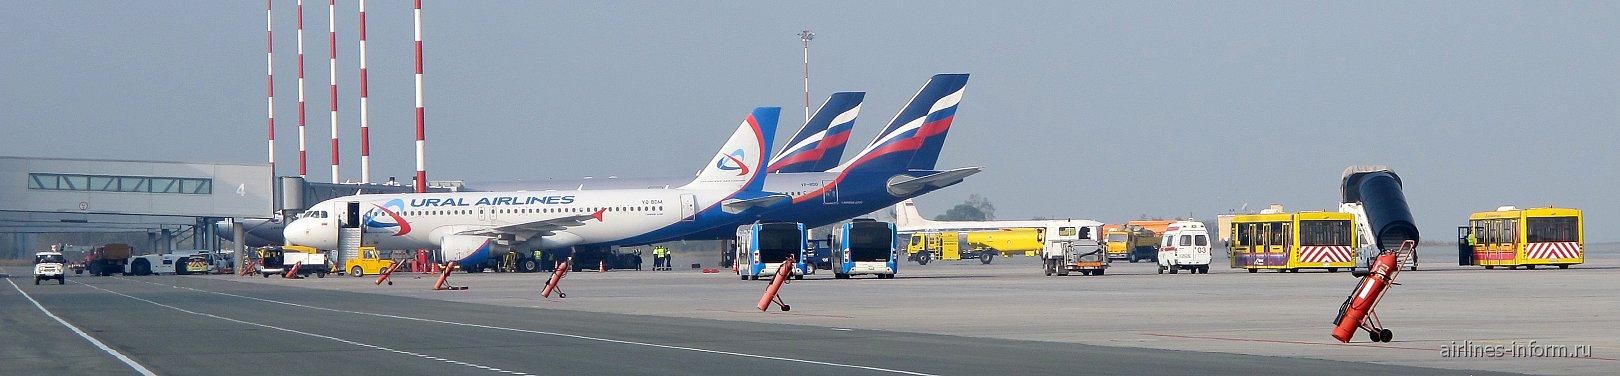 Самолеты Владивосток Авиа в аэропорту Владивостока